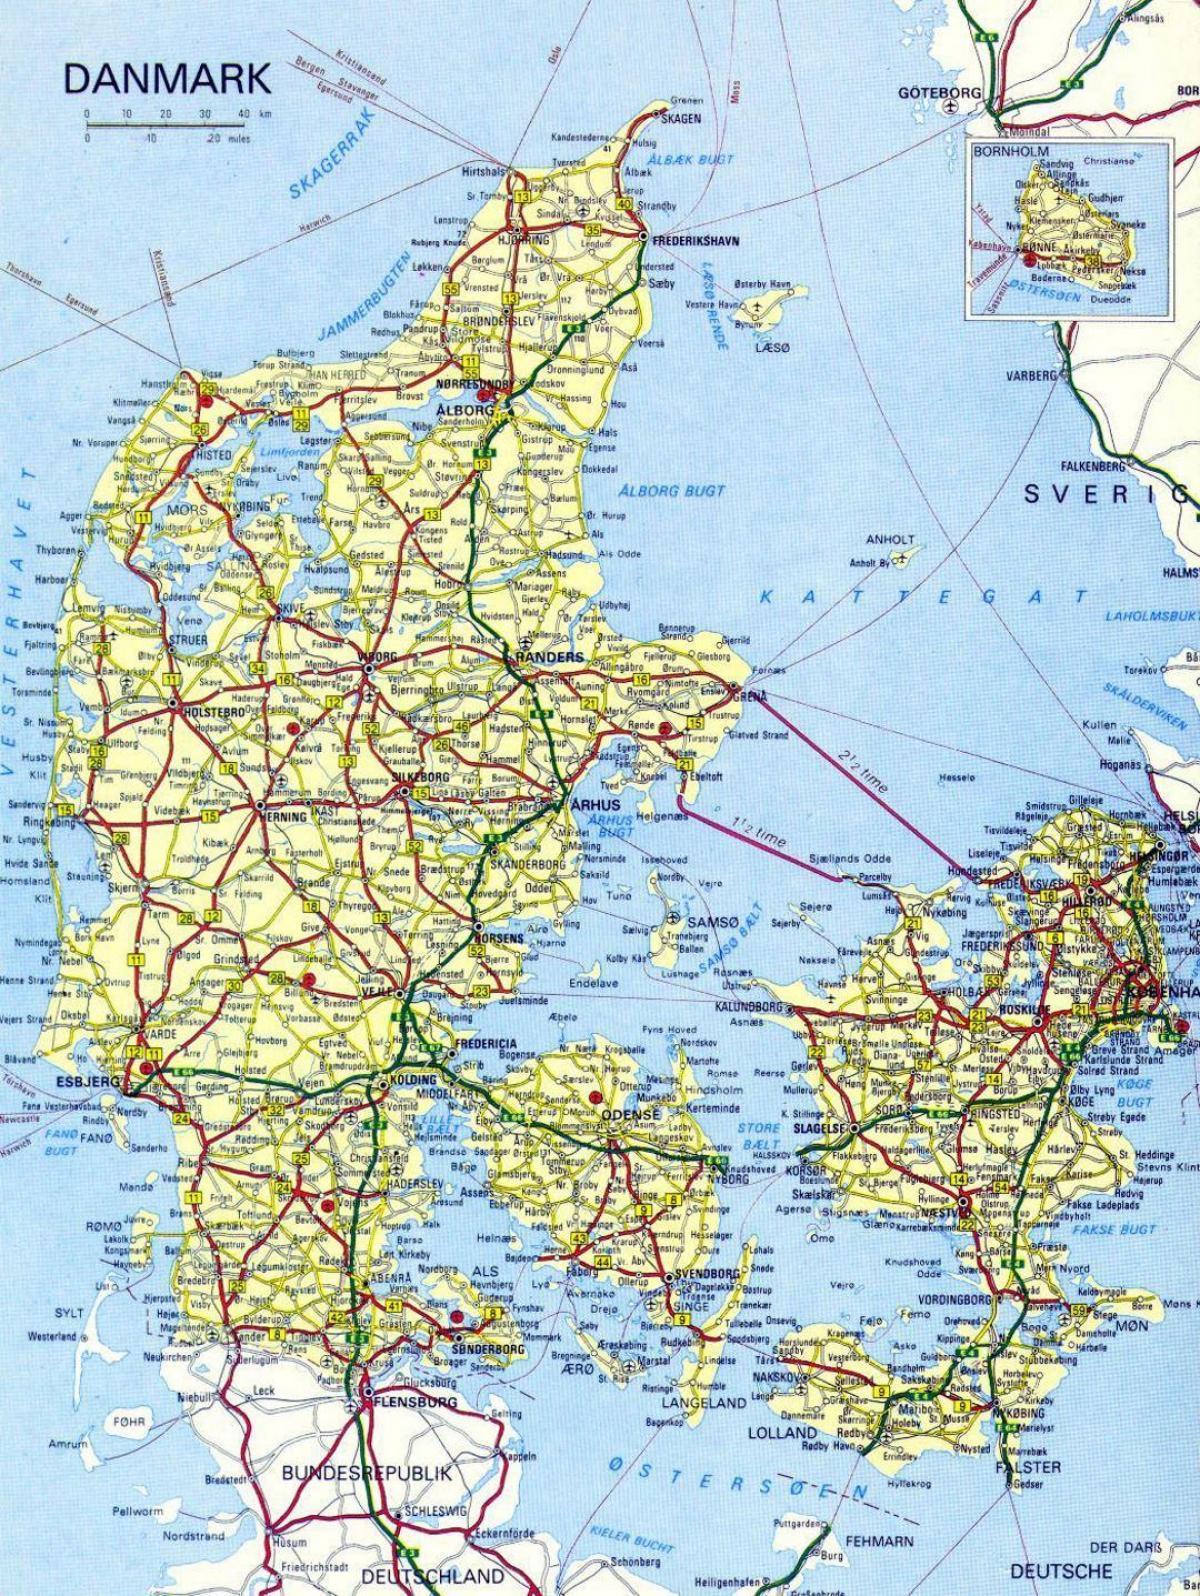 Danmark Byer Kort Danmarks Kort Med Byer I Det Nordlige Europa